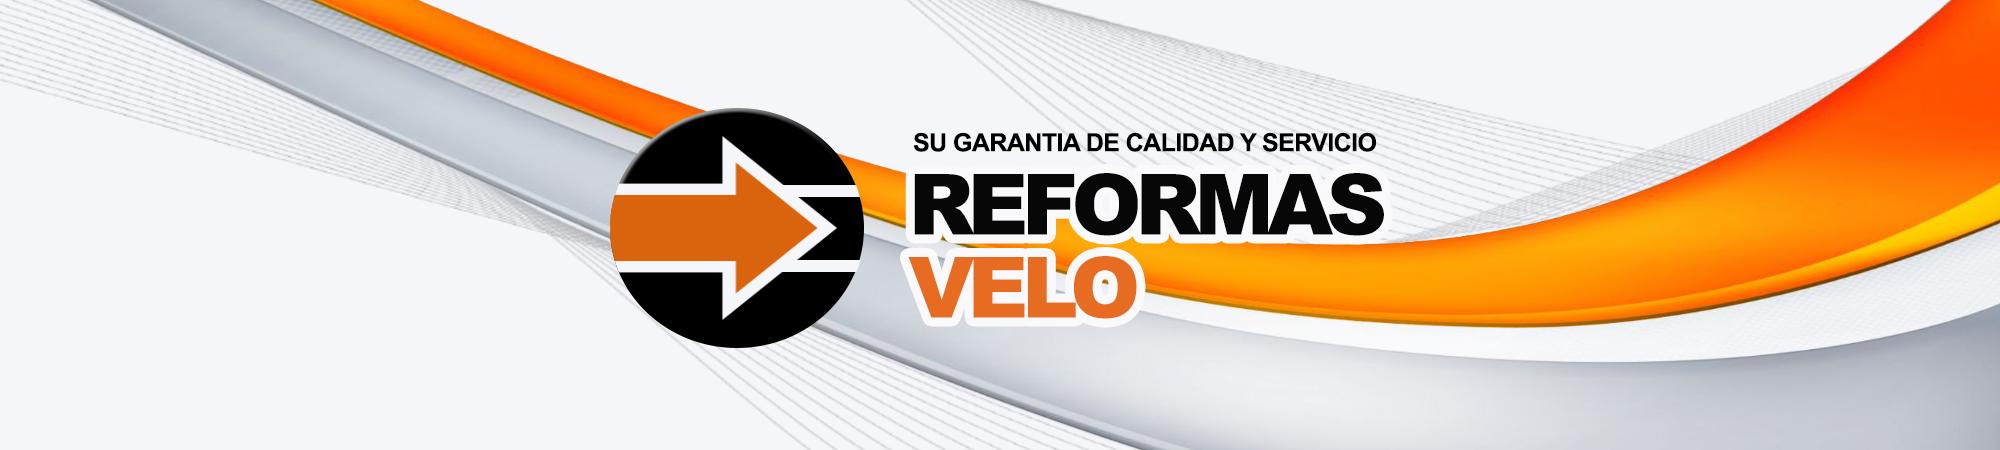 Reformas velo obras y reformas barcelona reformas y - Empresas reformas barcelona ...